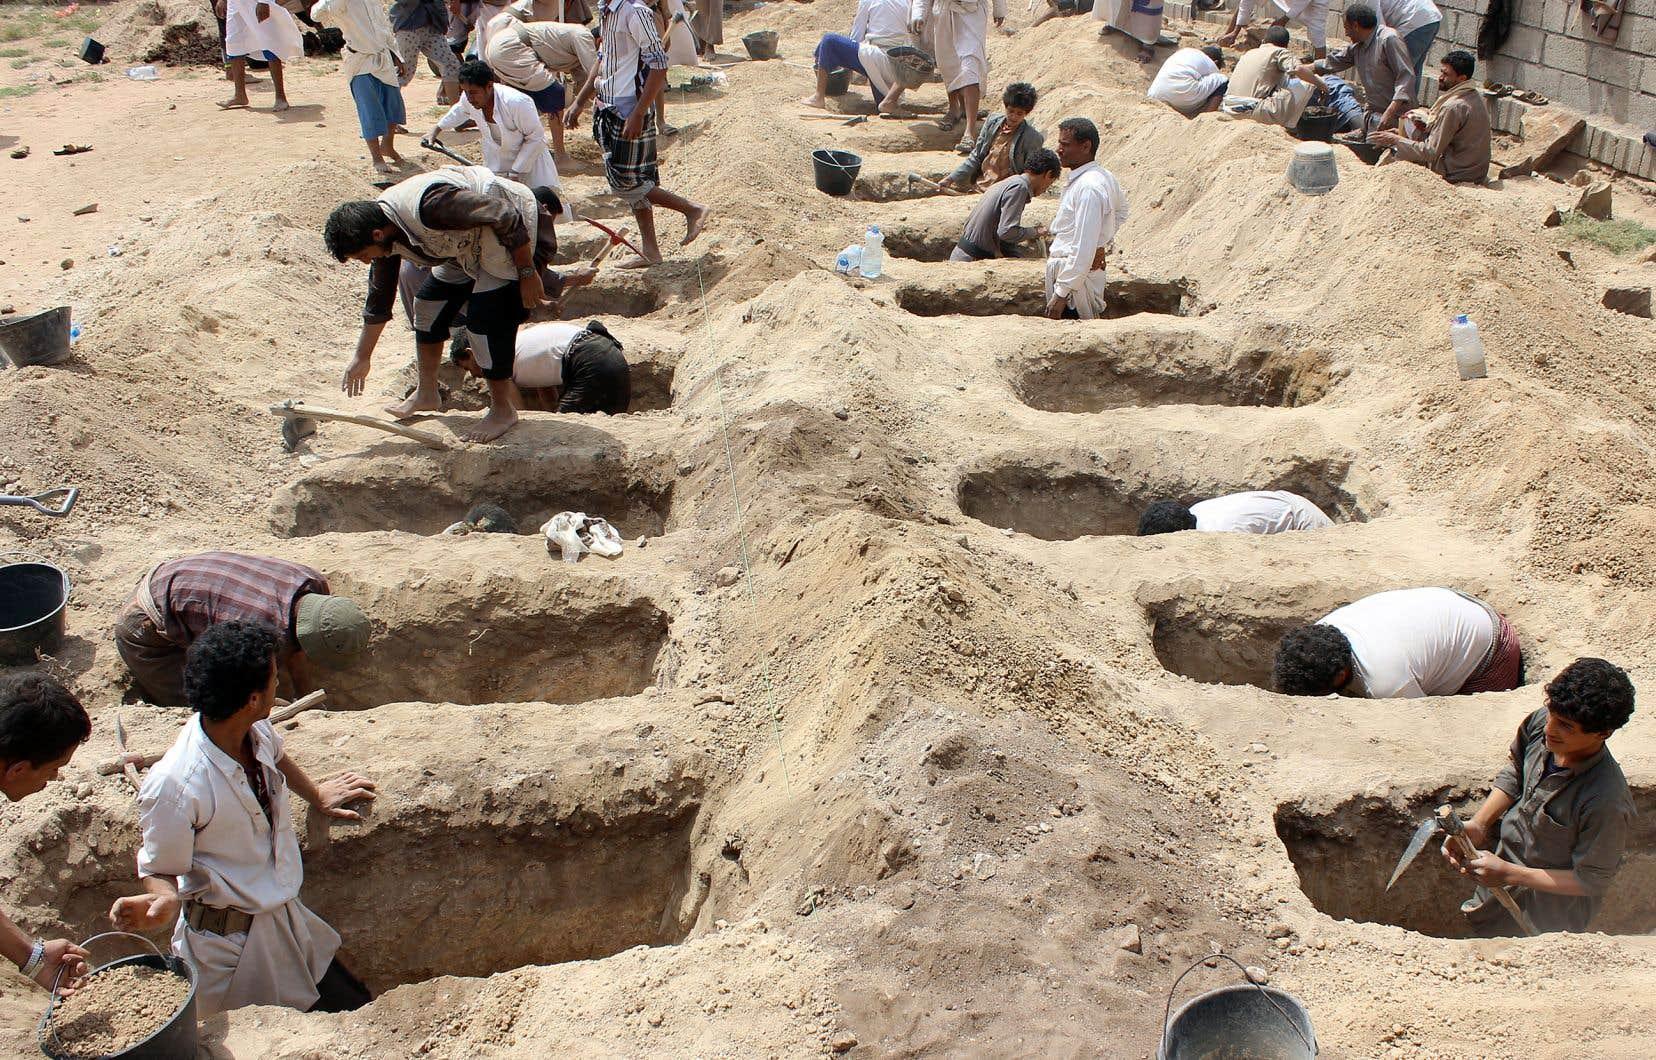 Des Yéménites creusent des tombes les unes à côté des autres en prévision de l'inhumation des enfants tués.